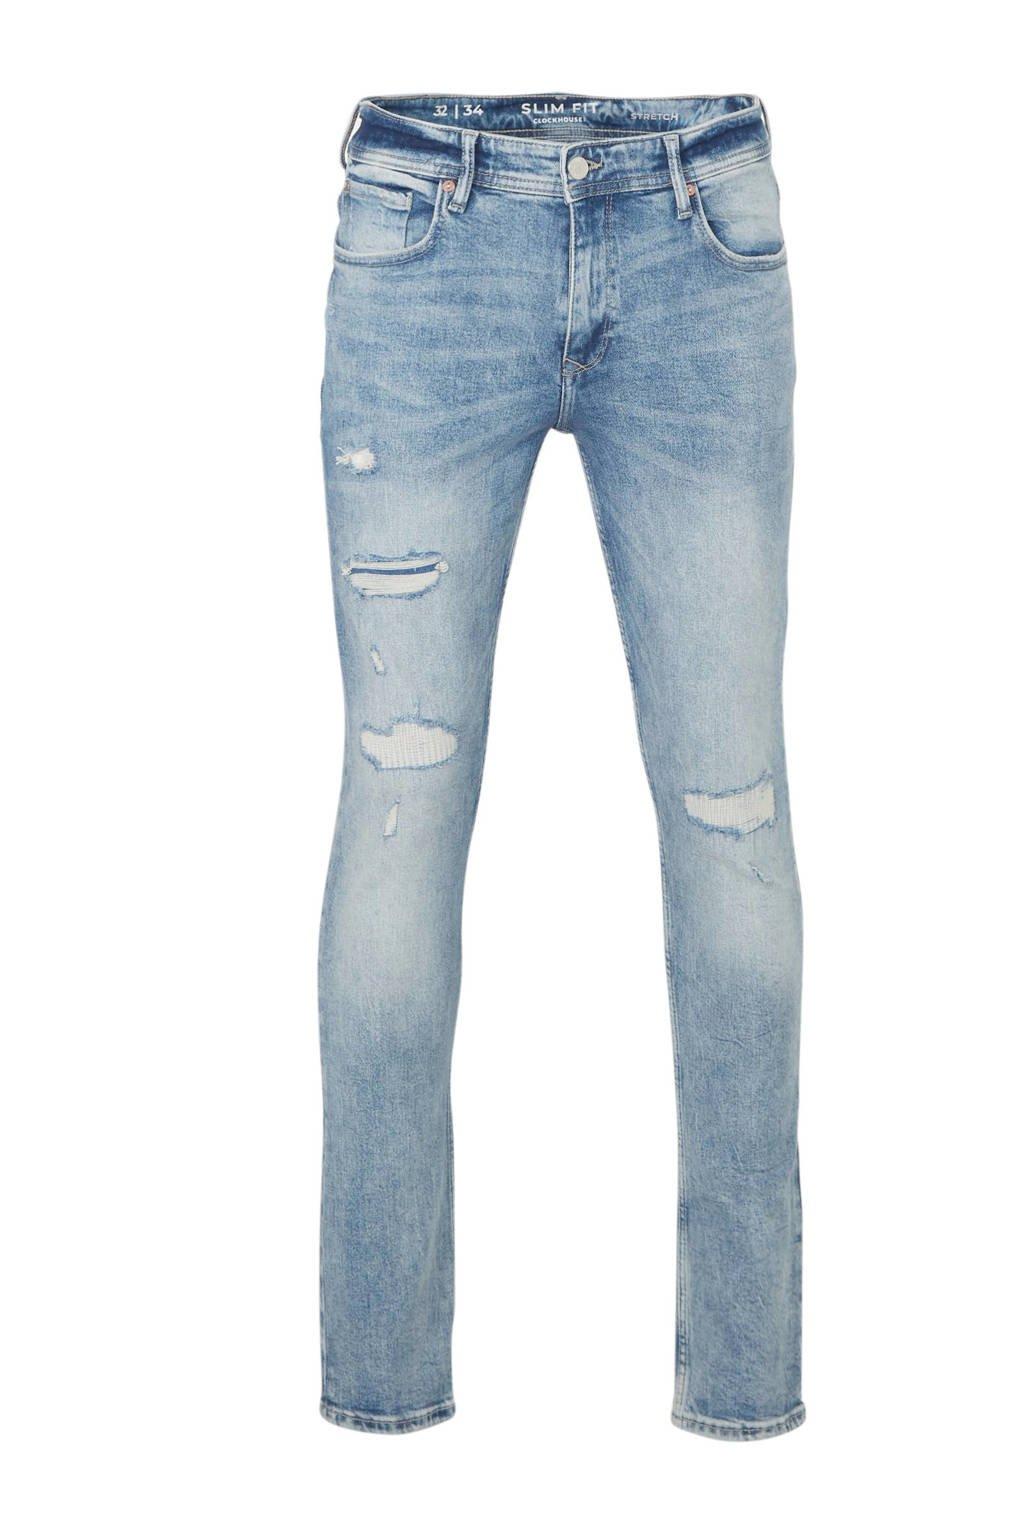 C&A Clockhouse slim fit jeans lichtblauw, Lichtblauw